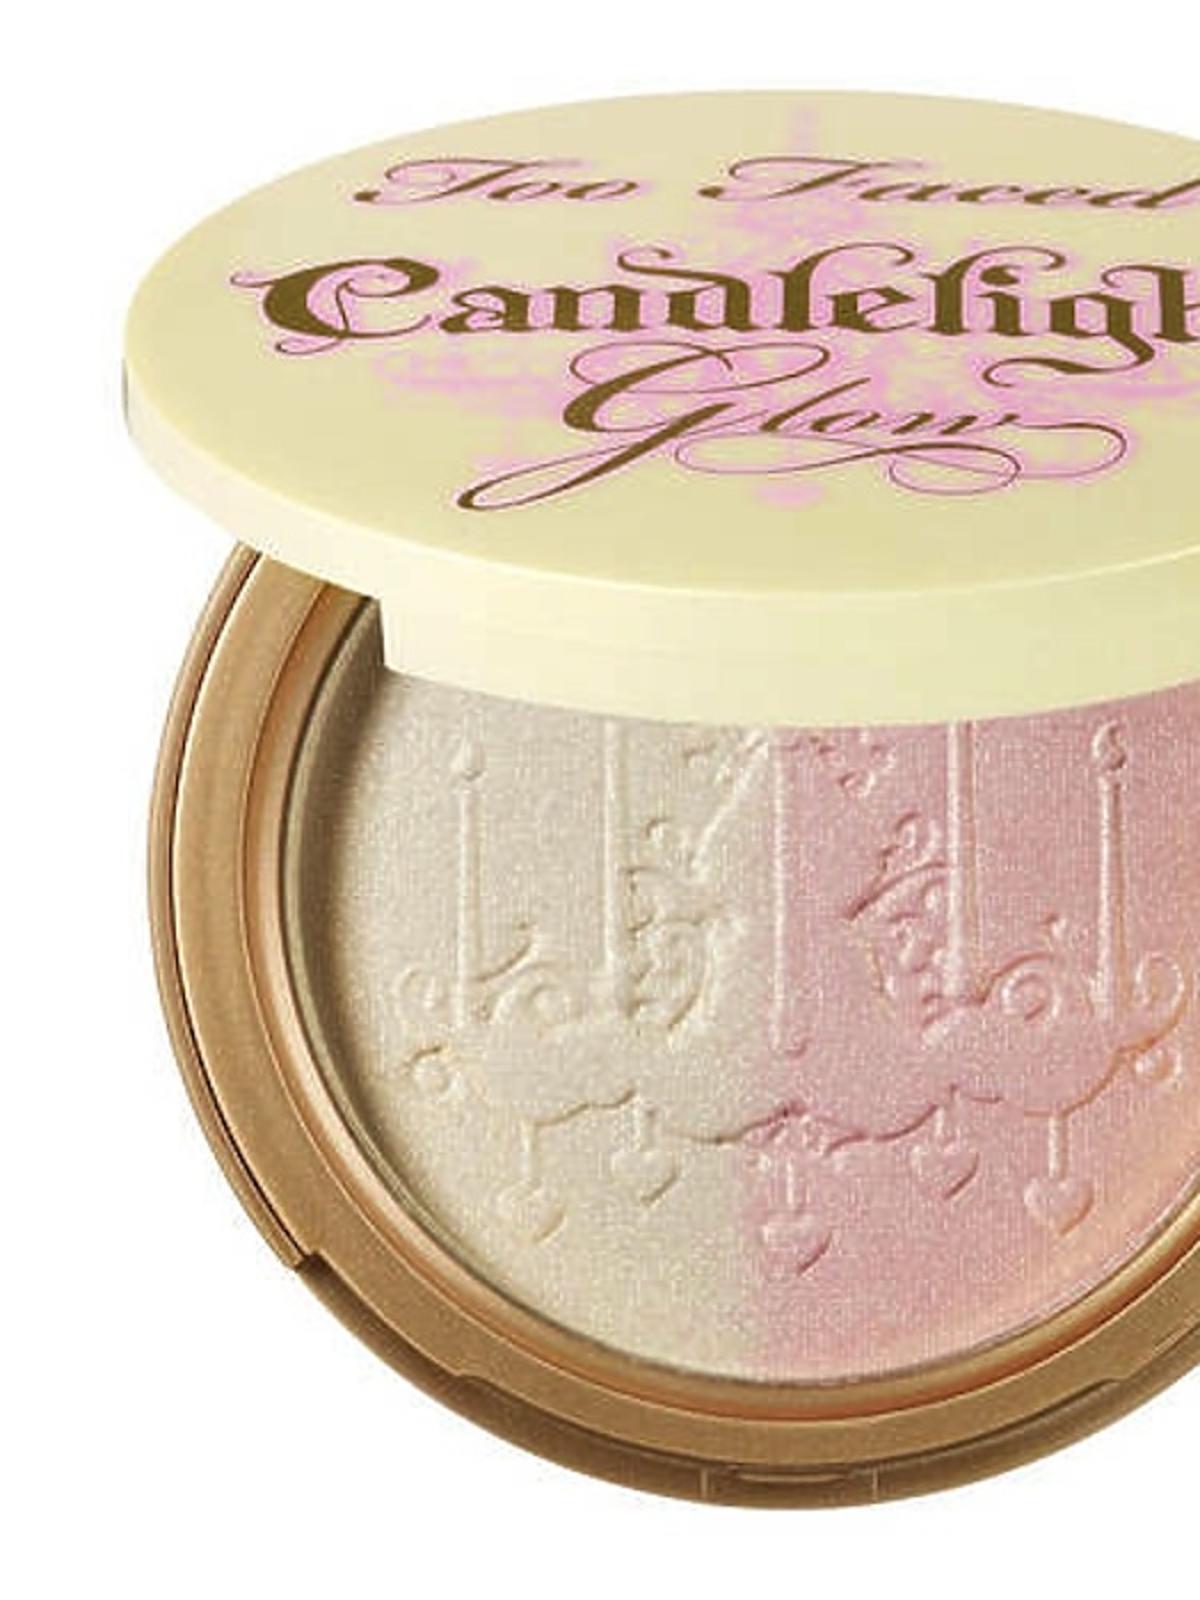 Puder rozjaśniający Candelight Glow Highlighting Powder Duo, Too Faced, ok. 130 zł